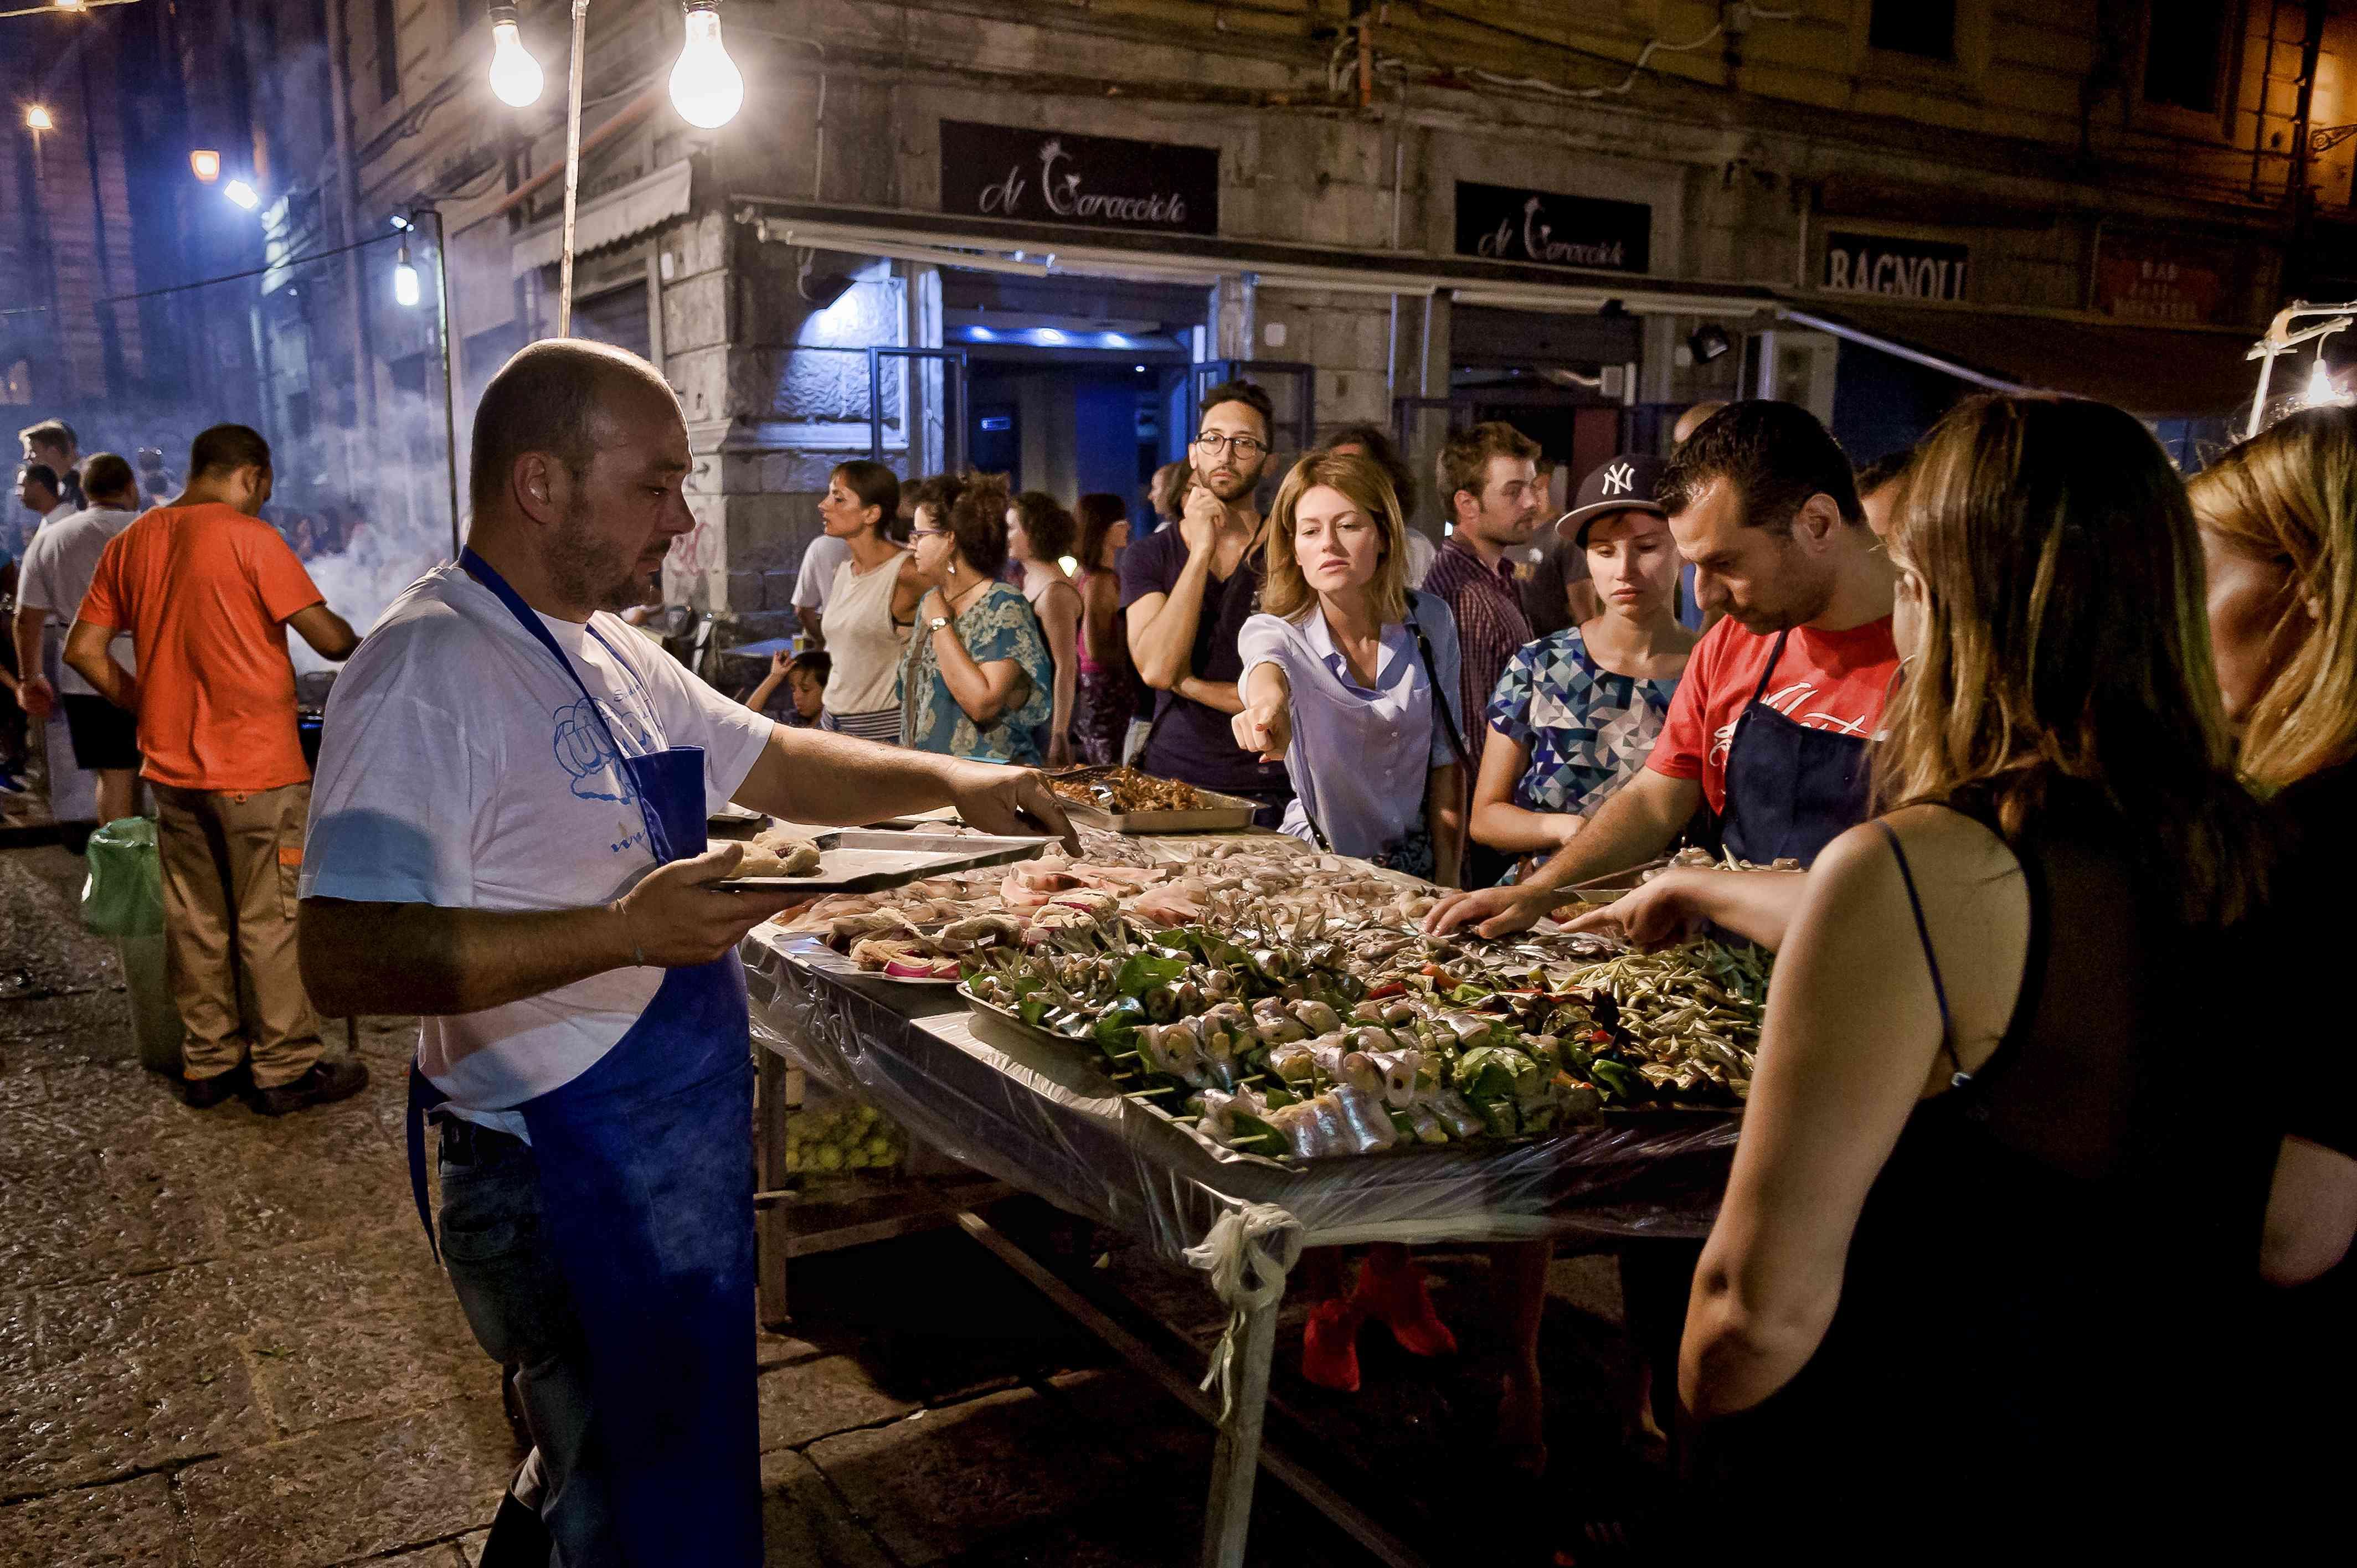 The market Vucciria in Palermo